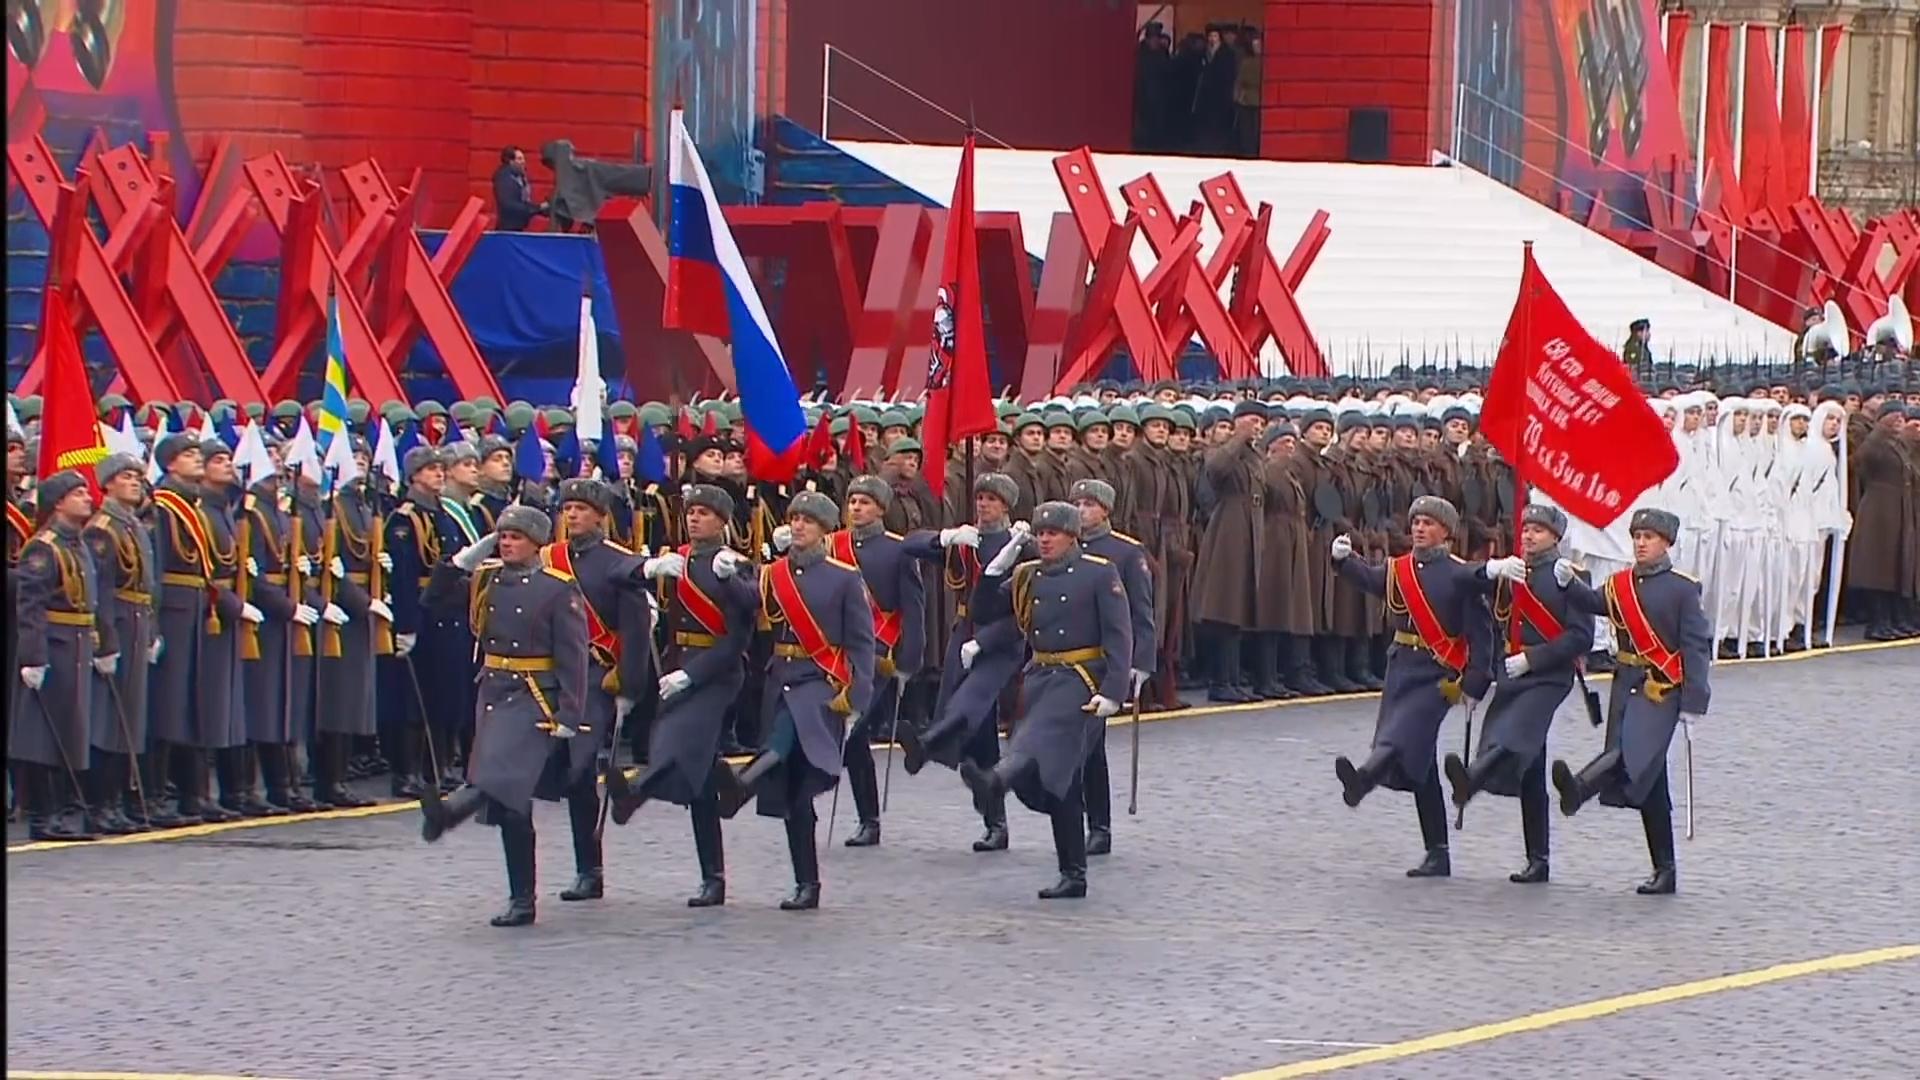 03-Марш в честь годовщины парада на Красной площади 1941-го года в Москве. Прямая трансляция